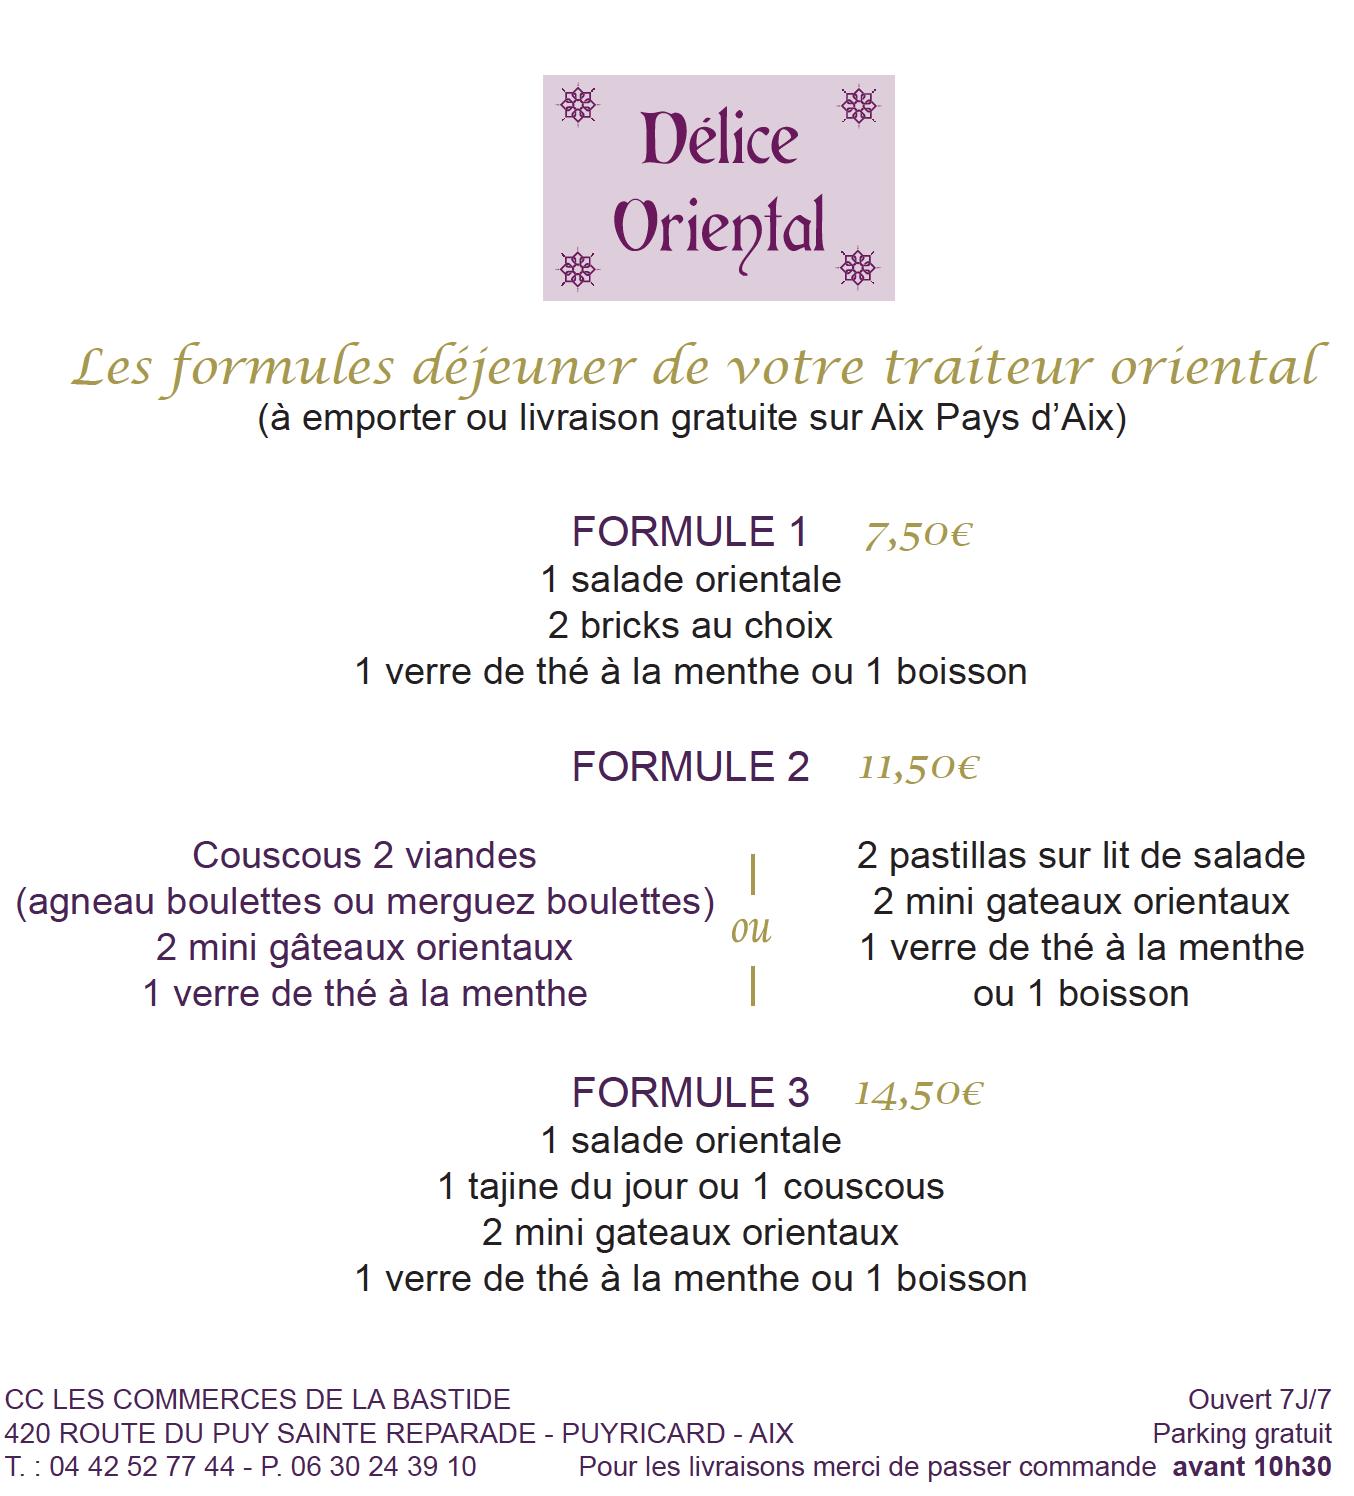 Les Commerces de la Bastide-Délice Oriental-flyer-formules-2020-11-2